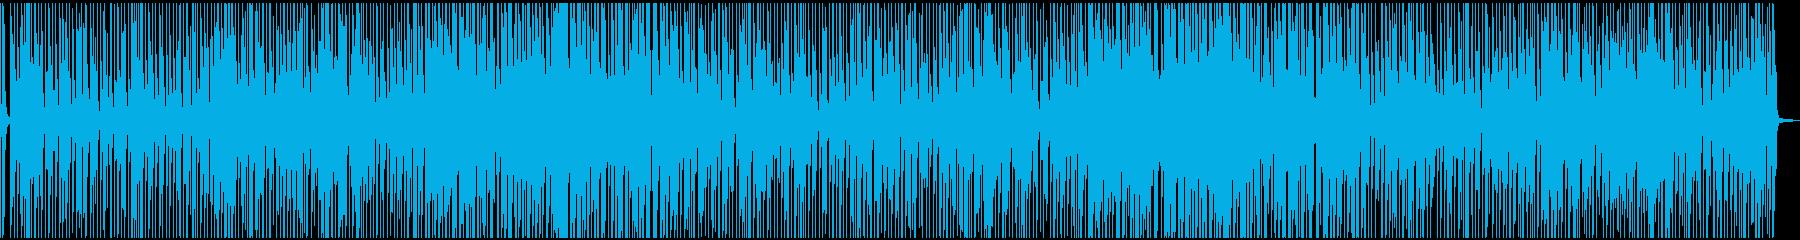 リズミカルで明るい爽やかな曲の再生済みの波形